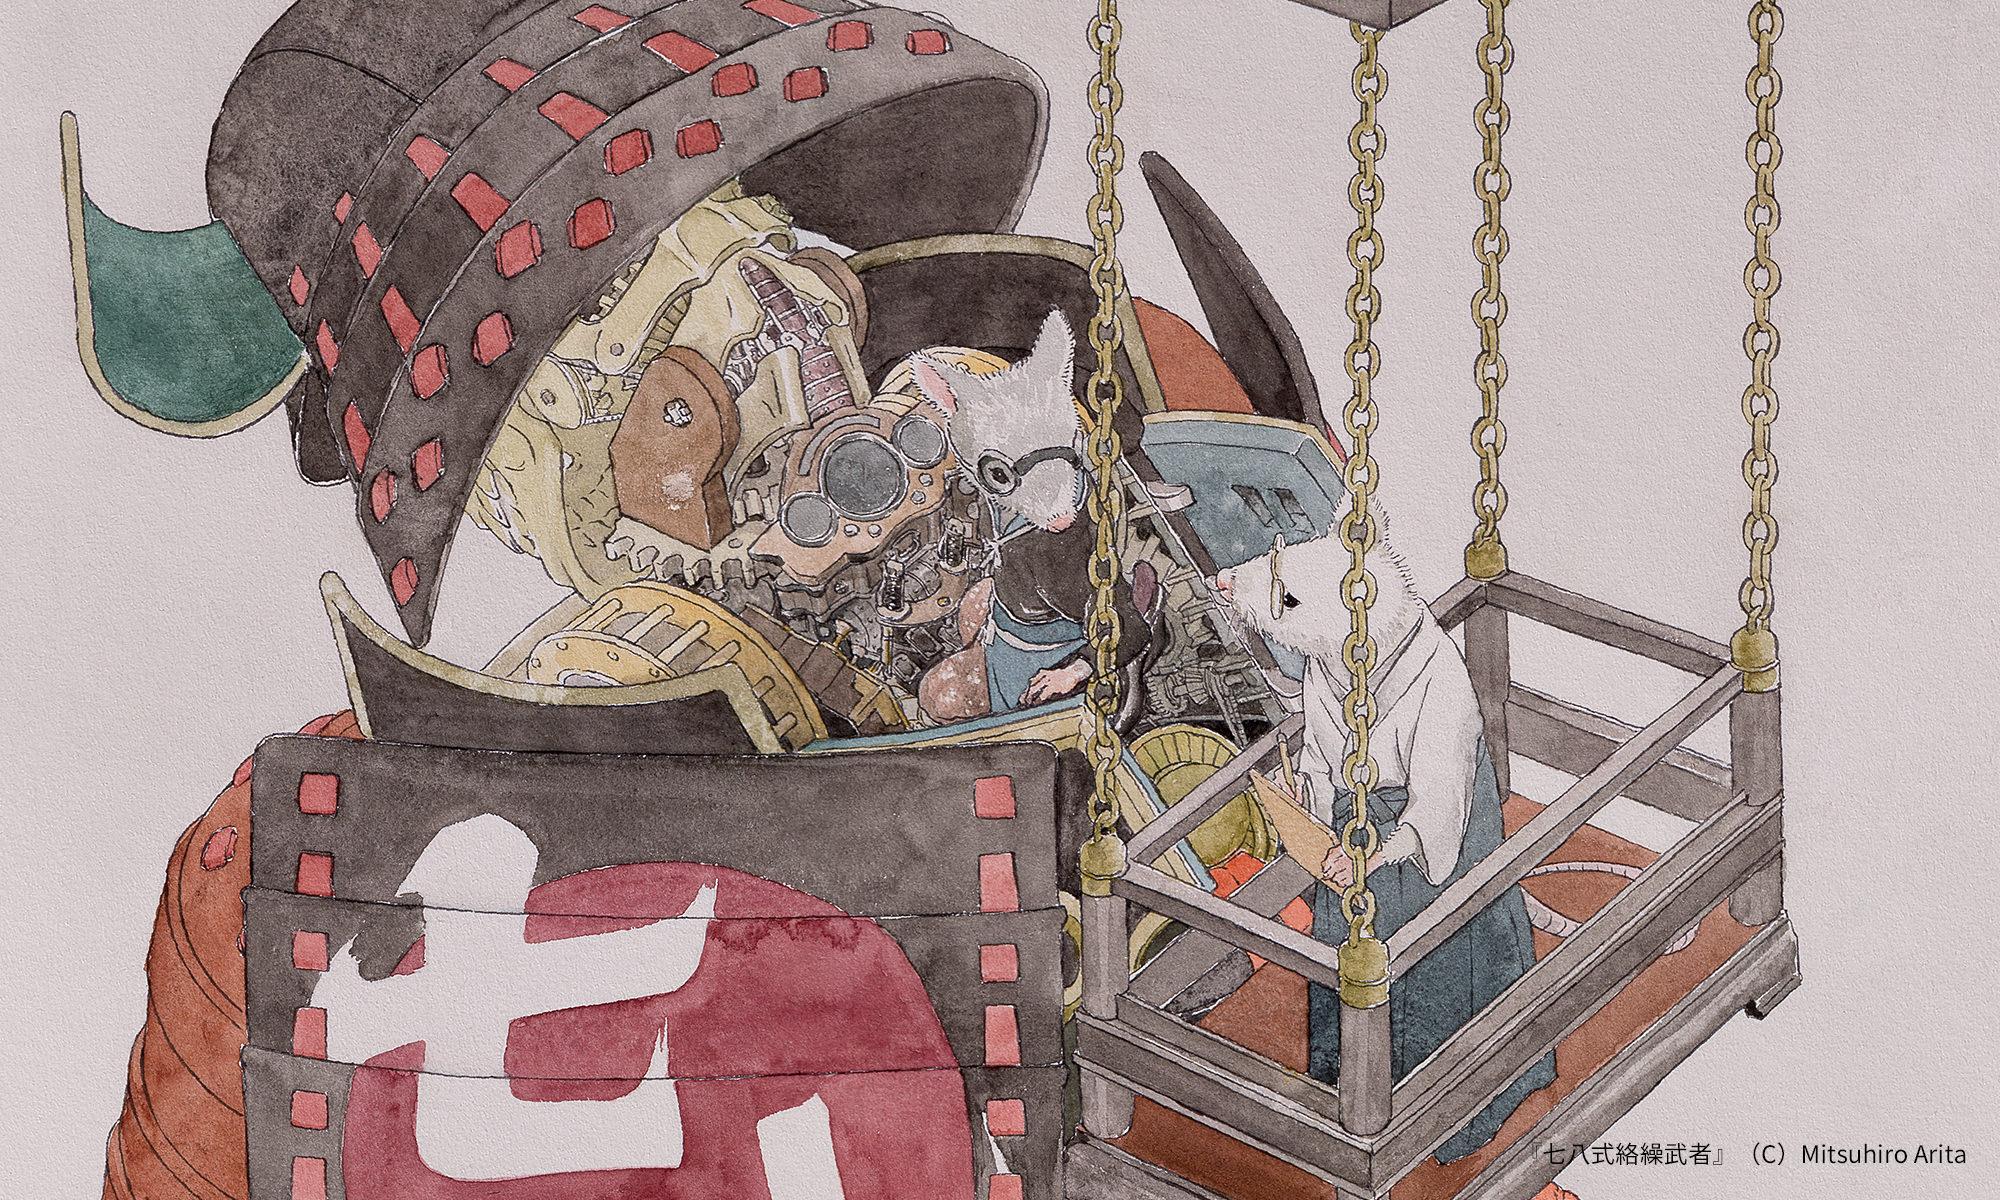 MITSUHIRO ARITA / WORKS